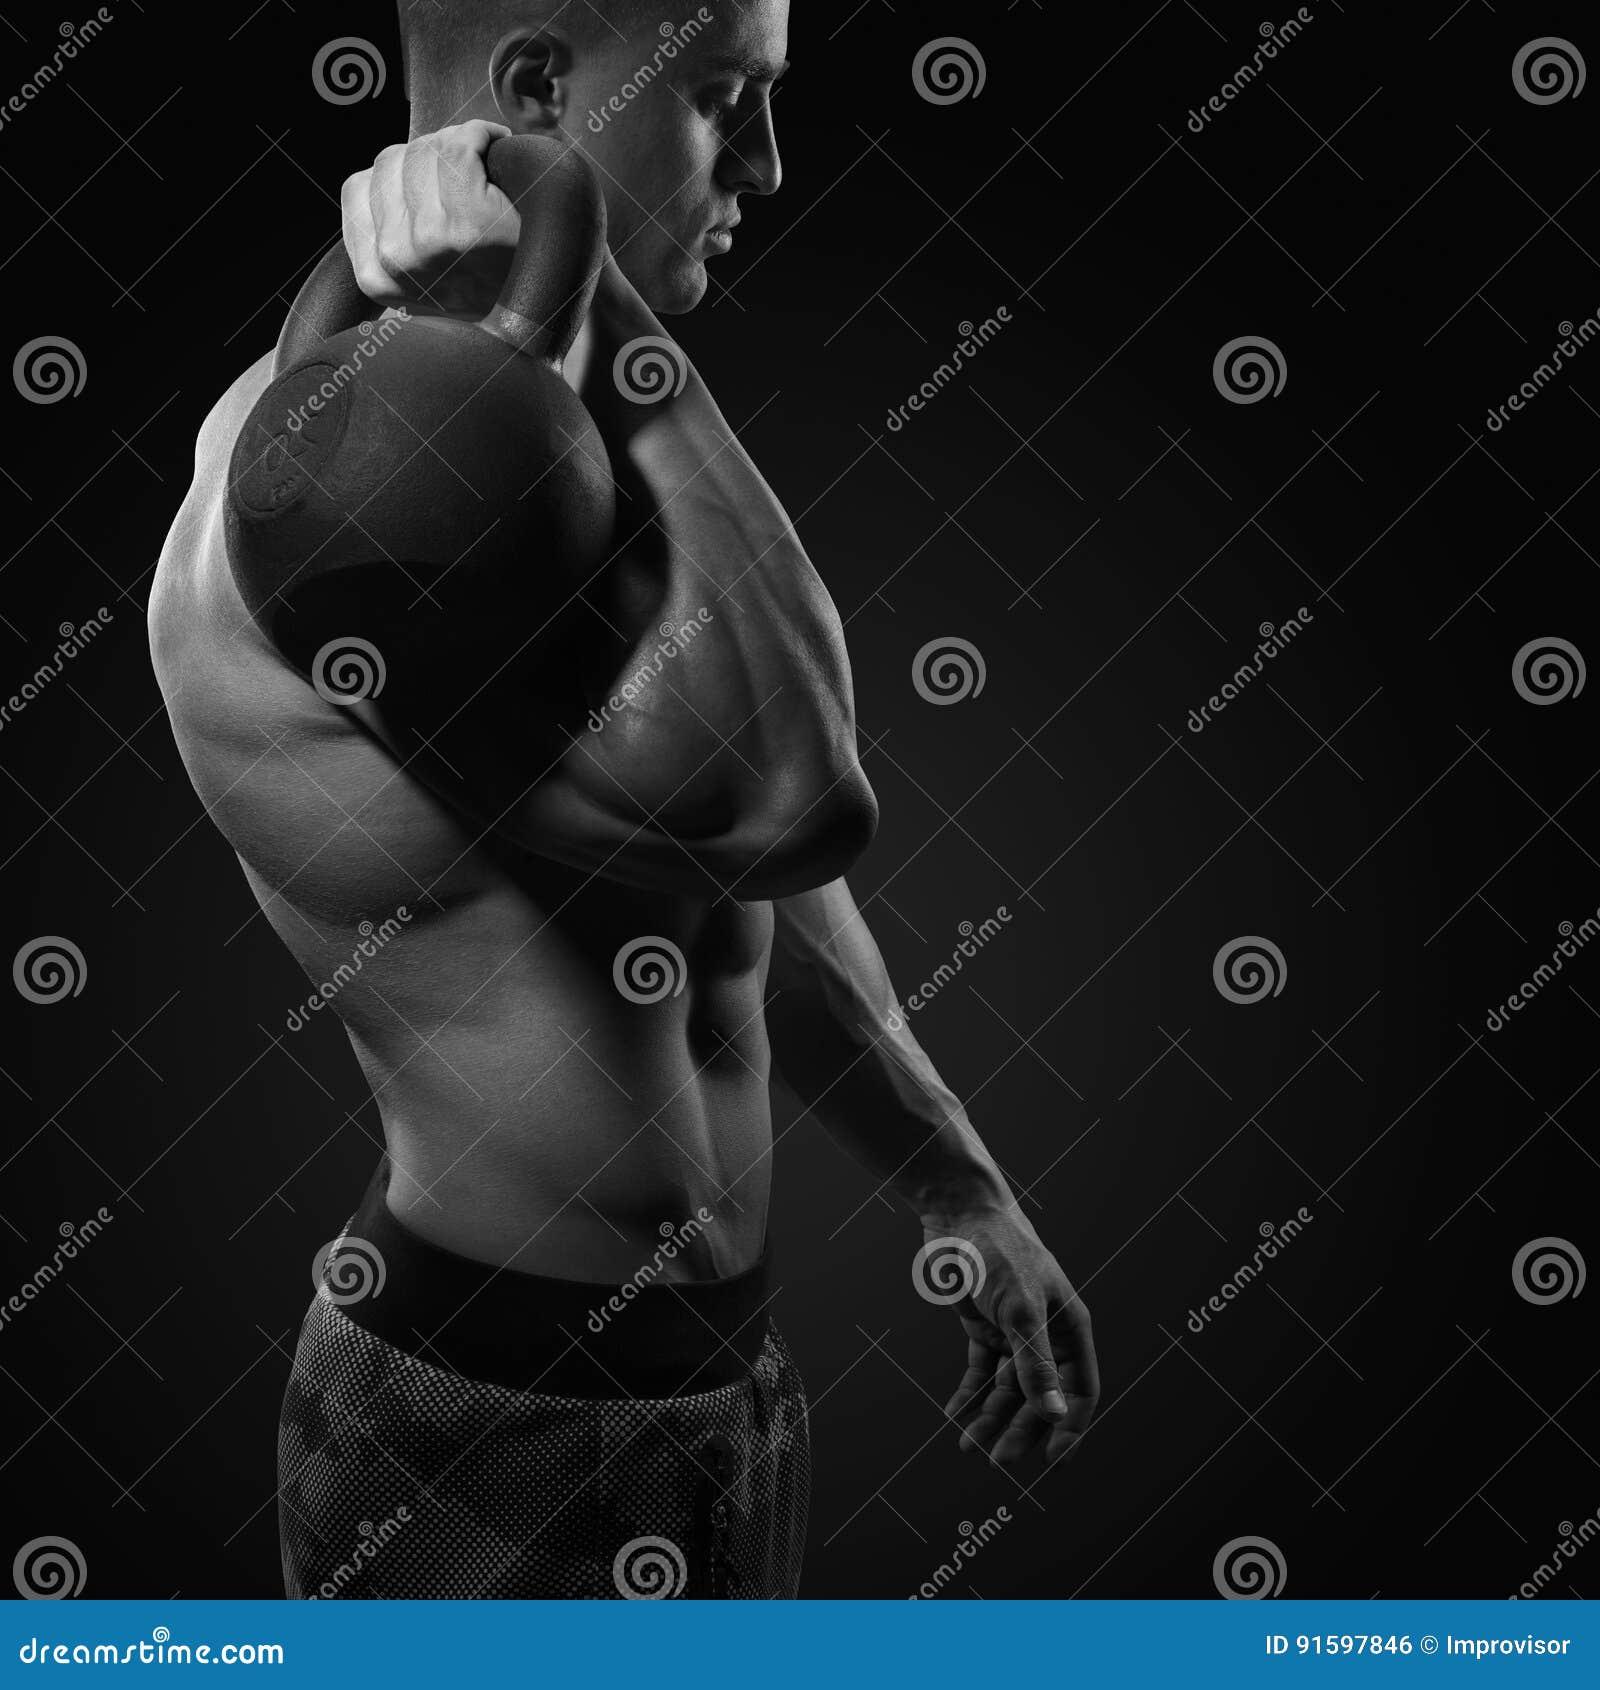 Tiro cosechado del bodybulder joven que sostiene una campana fi fuerte de la caldera